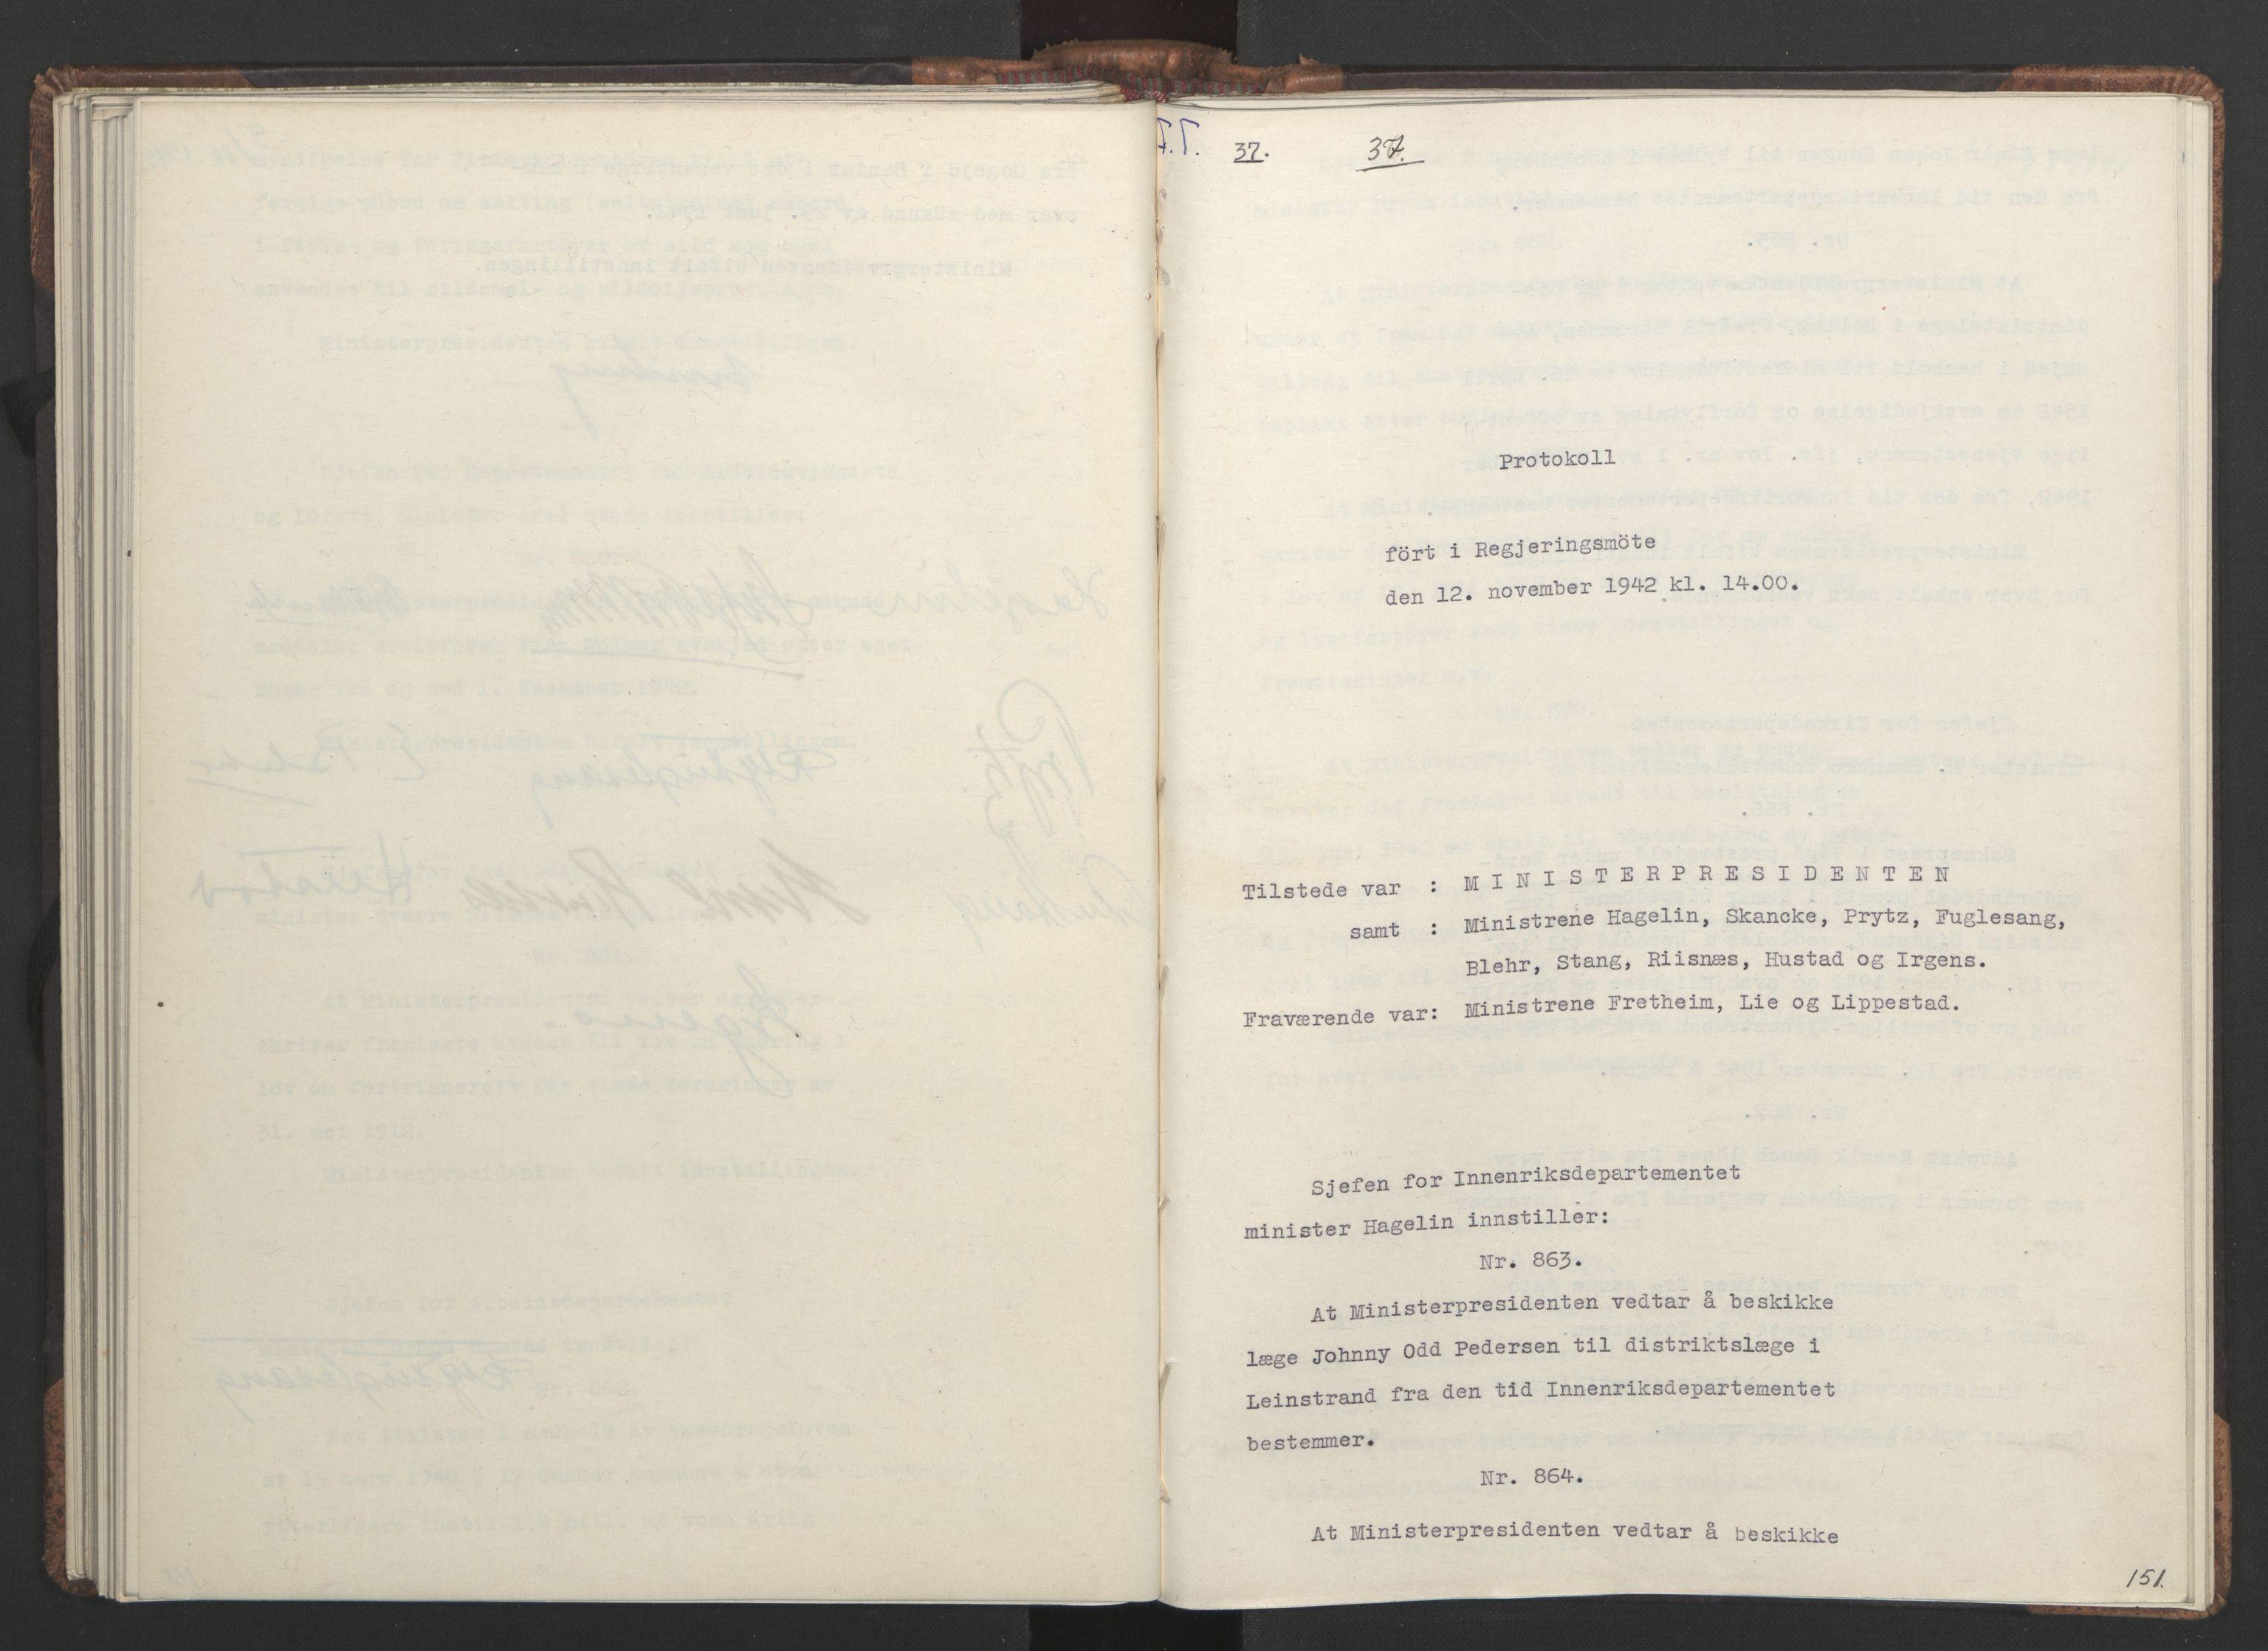 RA, NS-administrasjonen 1940-1945 (Statsrådsekretariatet, de kommisariske statsråder mm), D/Da/L0001: Beslutninger og tillegg (1-952 og 1-32), 1942, s. 150b-151a